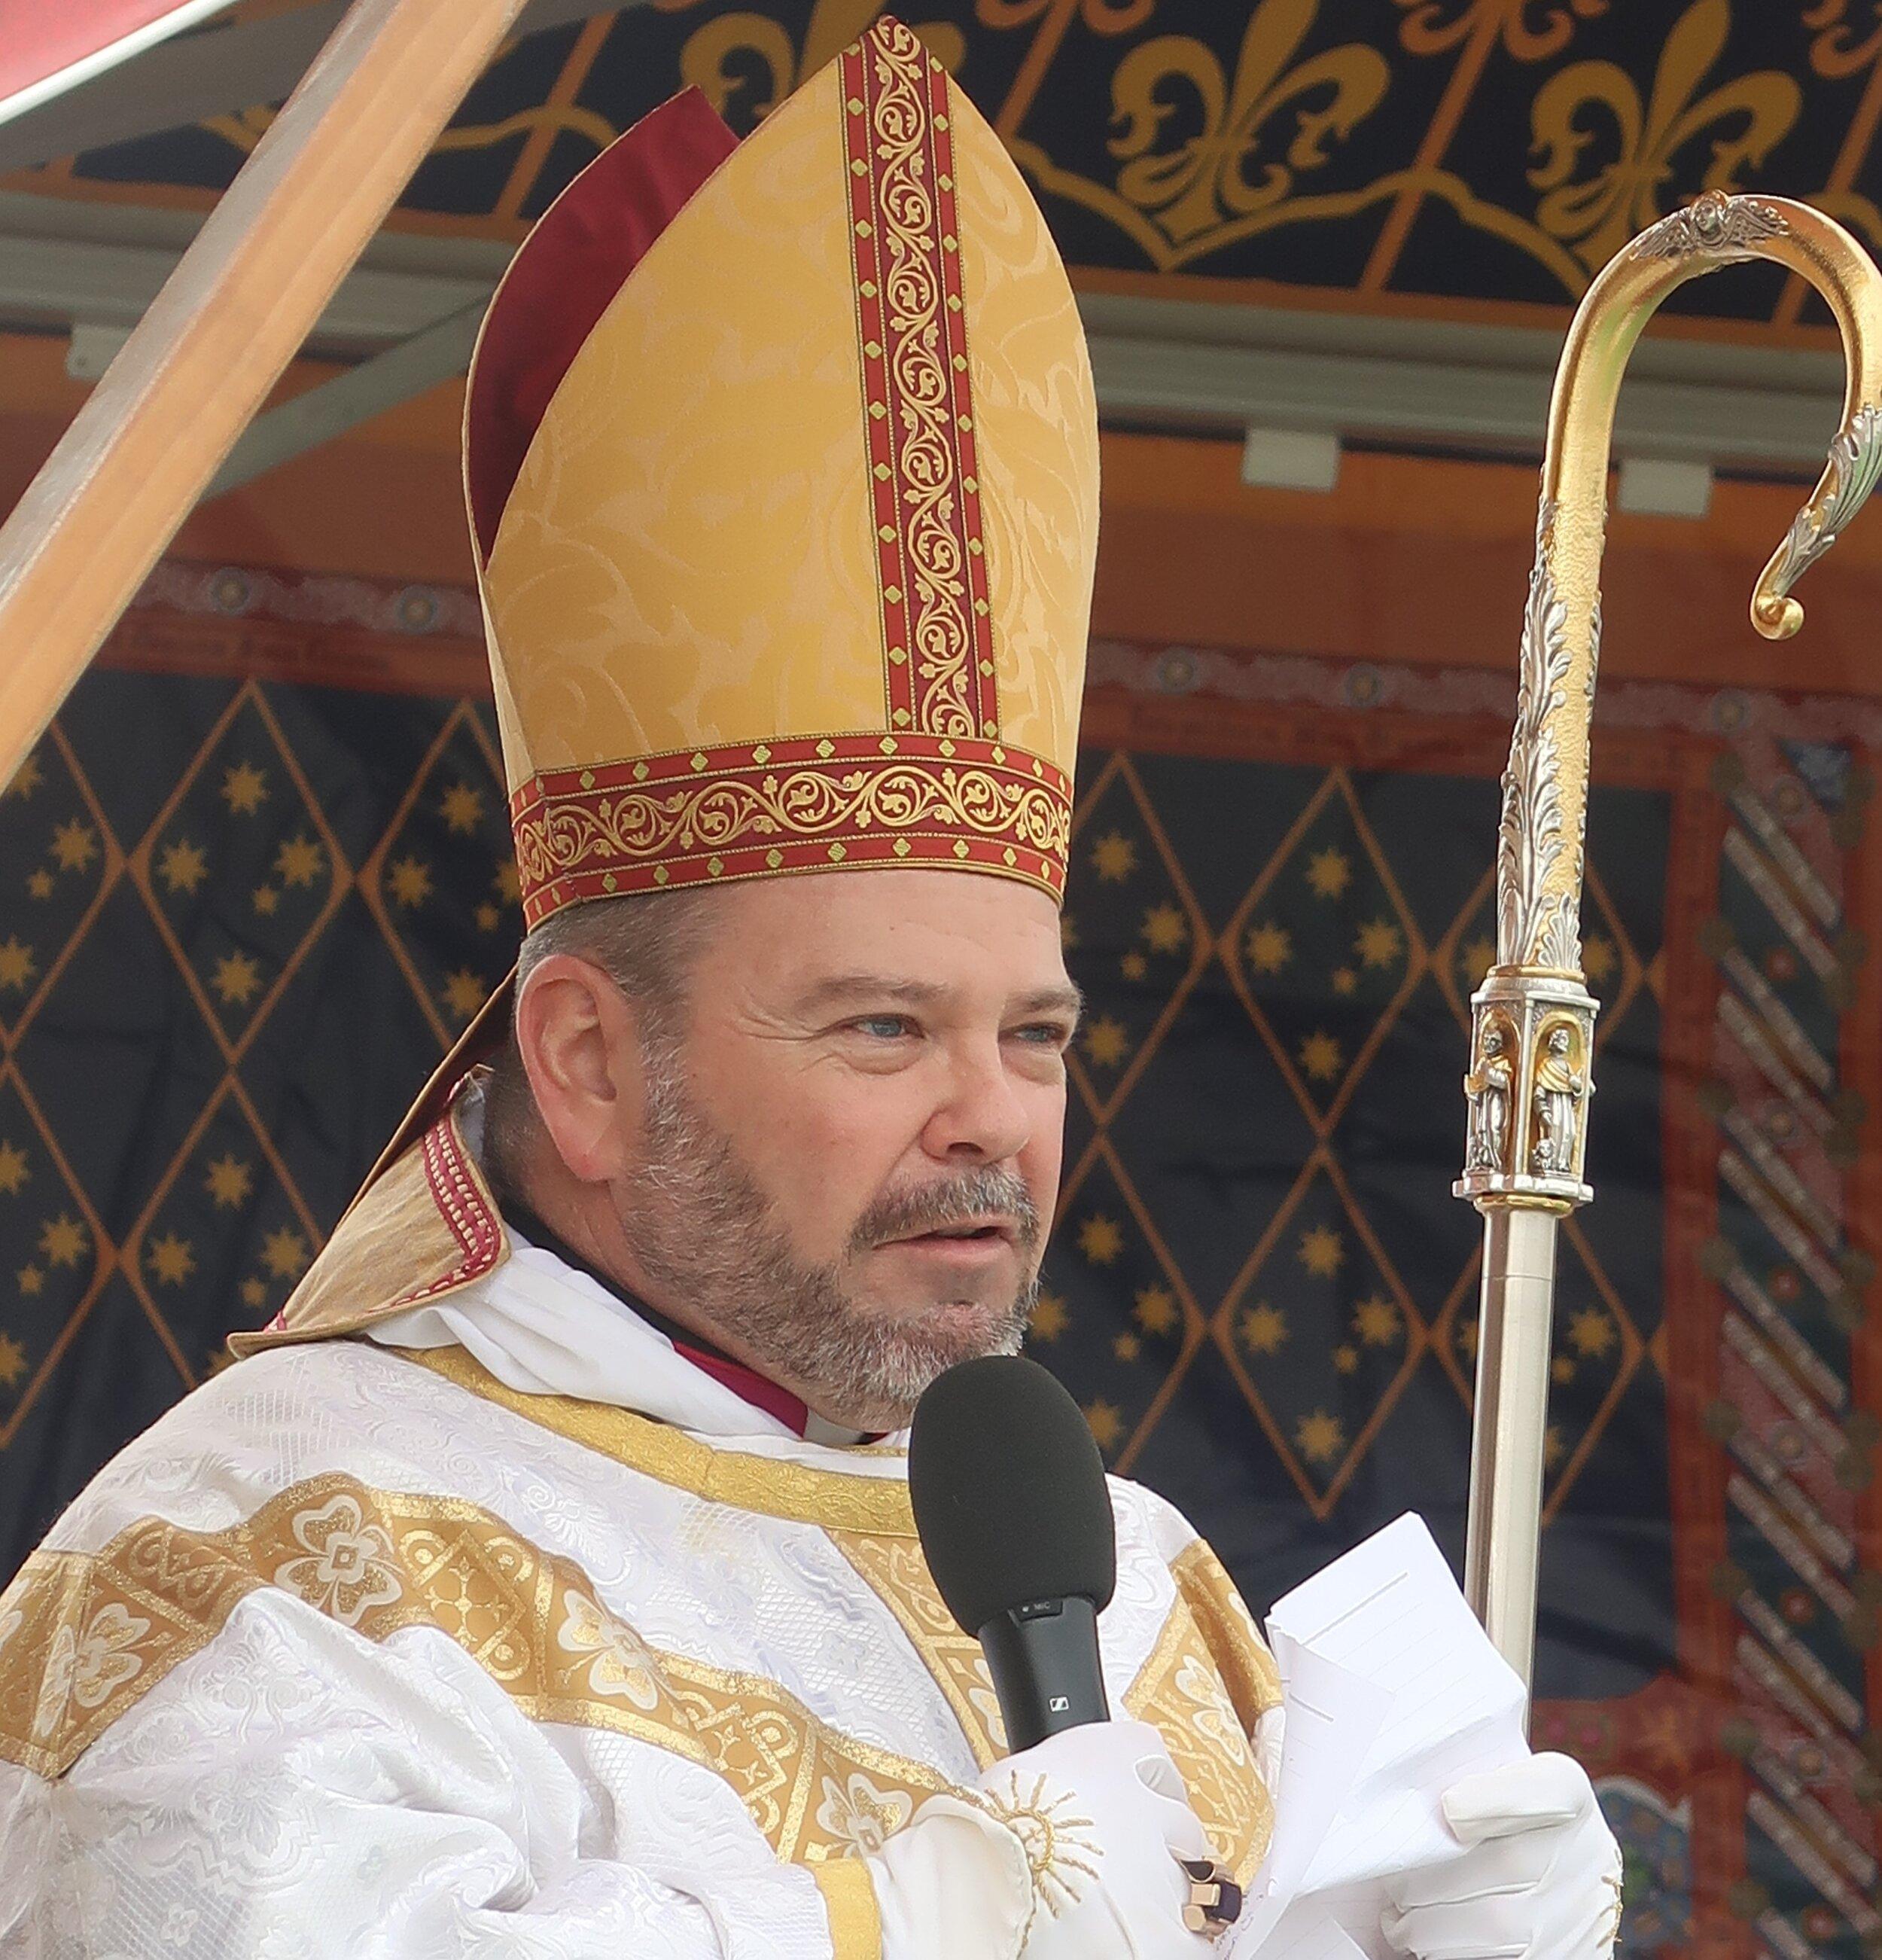 Bishop Columba Macbeth-Green OSPPE DD